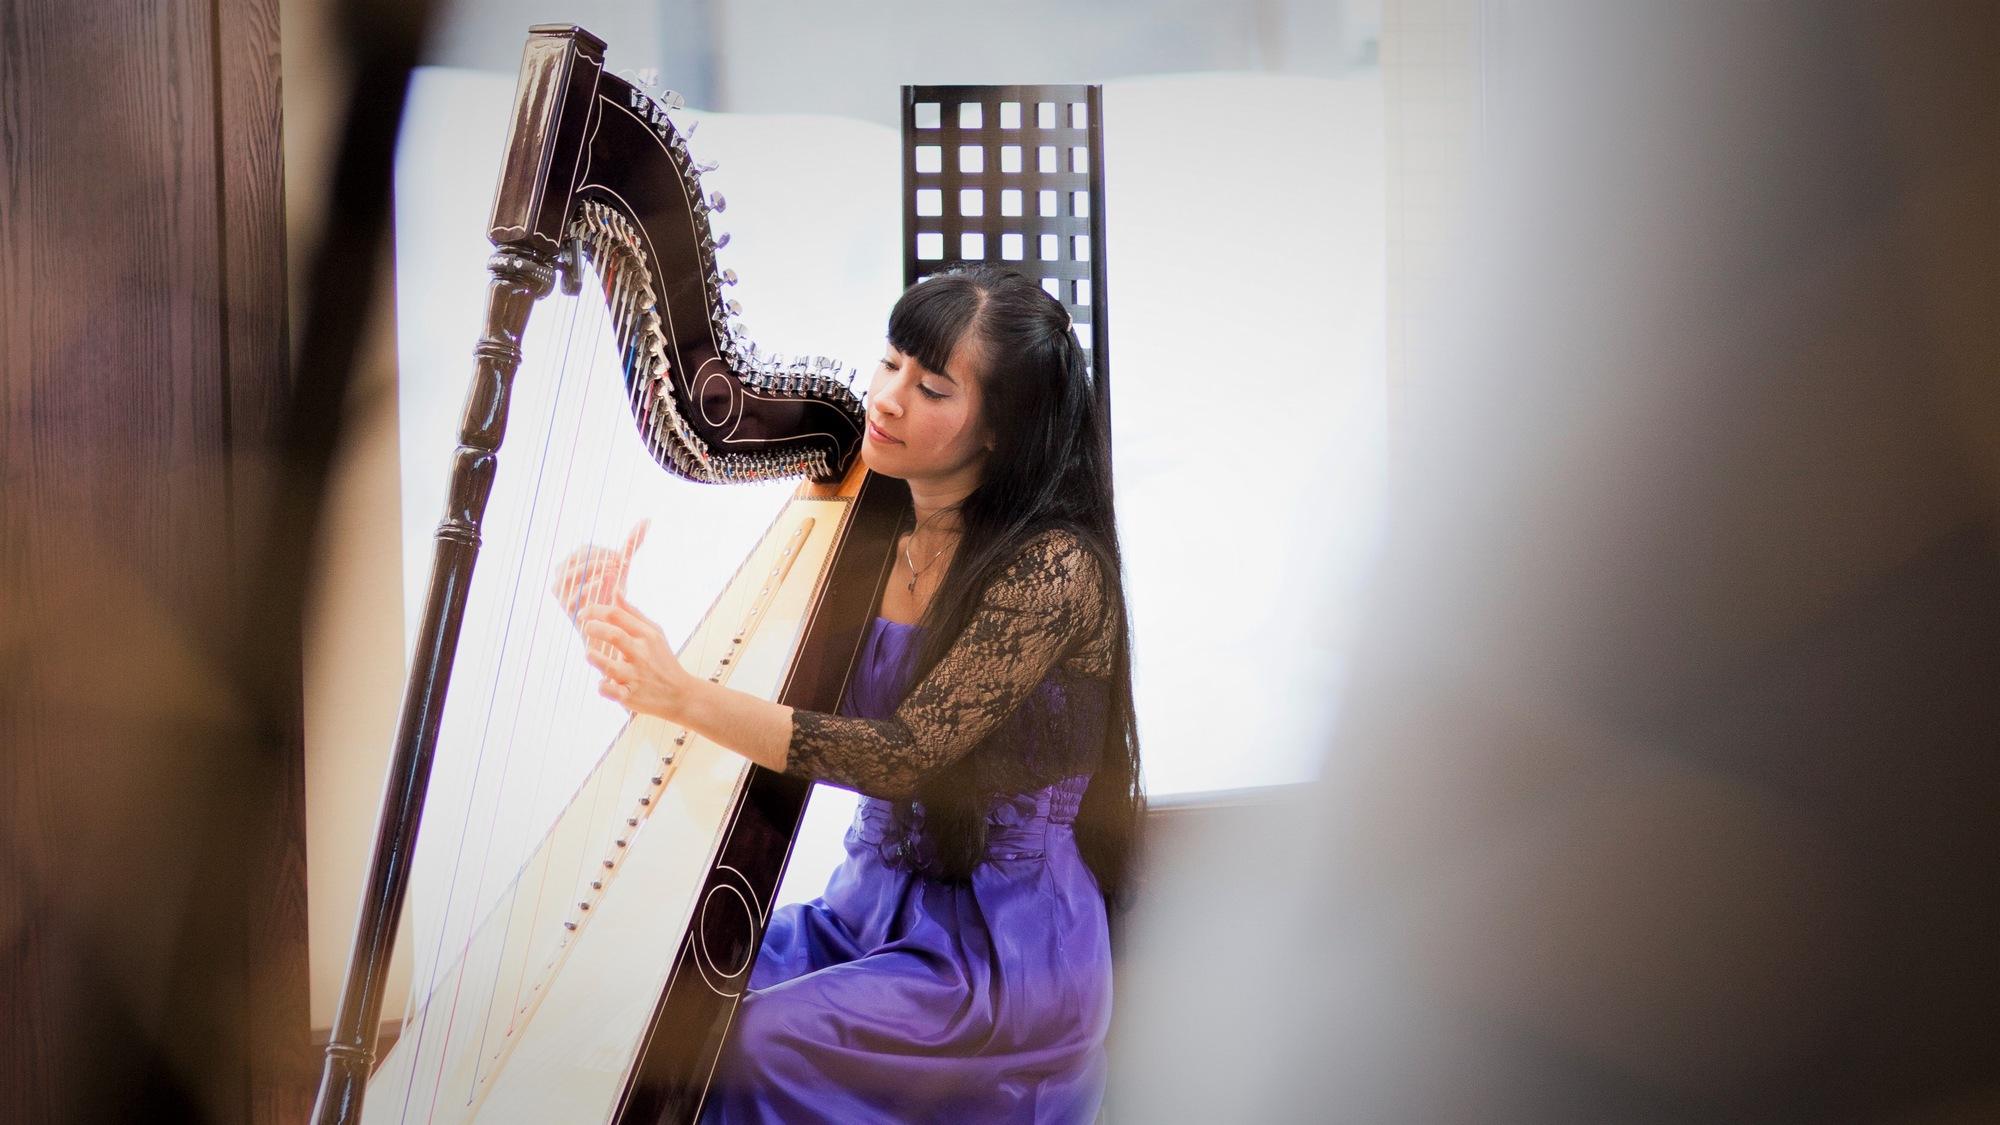 【森ラウンジ】1日4回ハープの生演奏コンサートを行っています。癒しの音色に身を任せてみませんか?